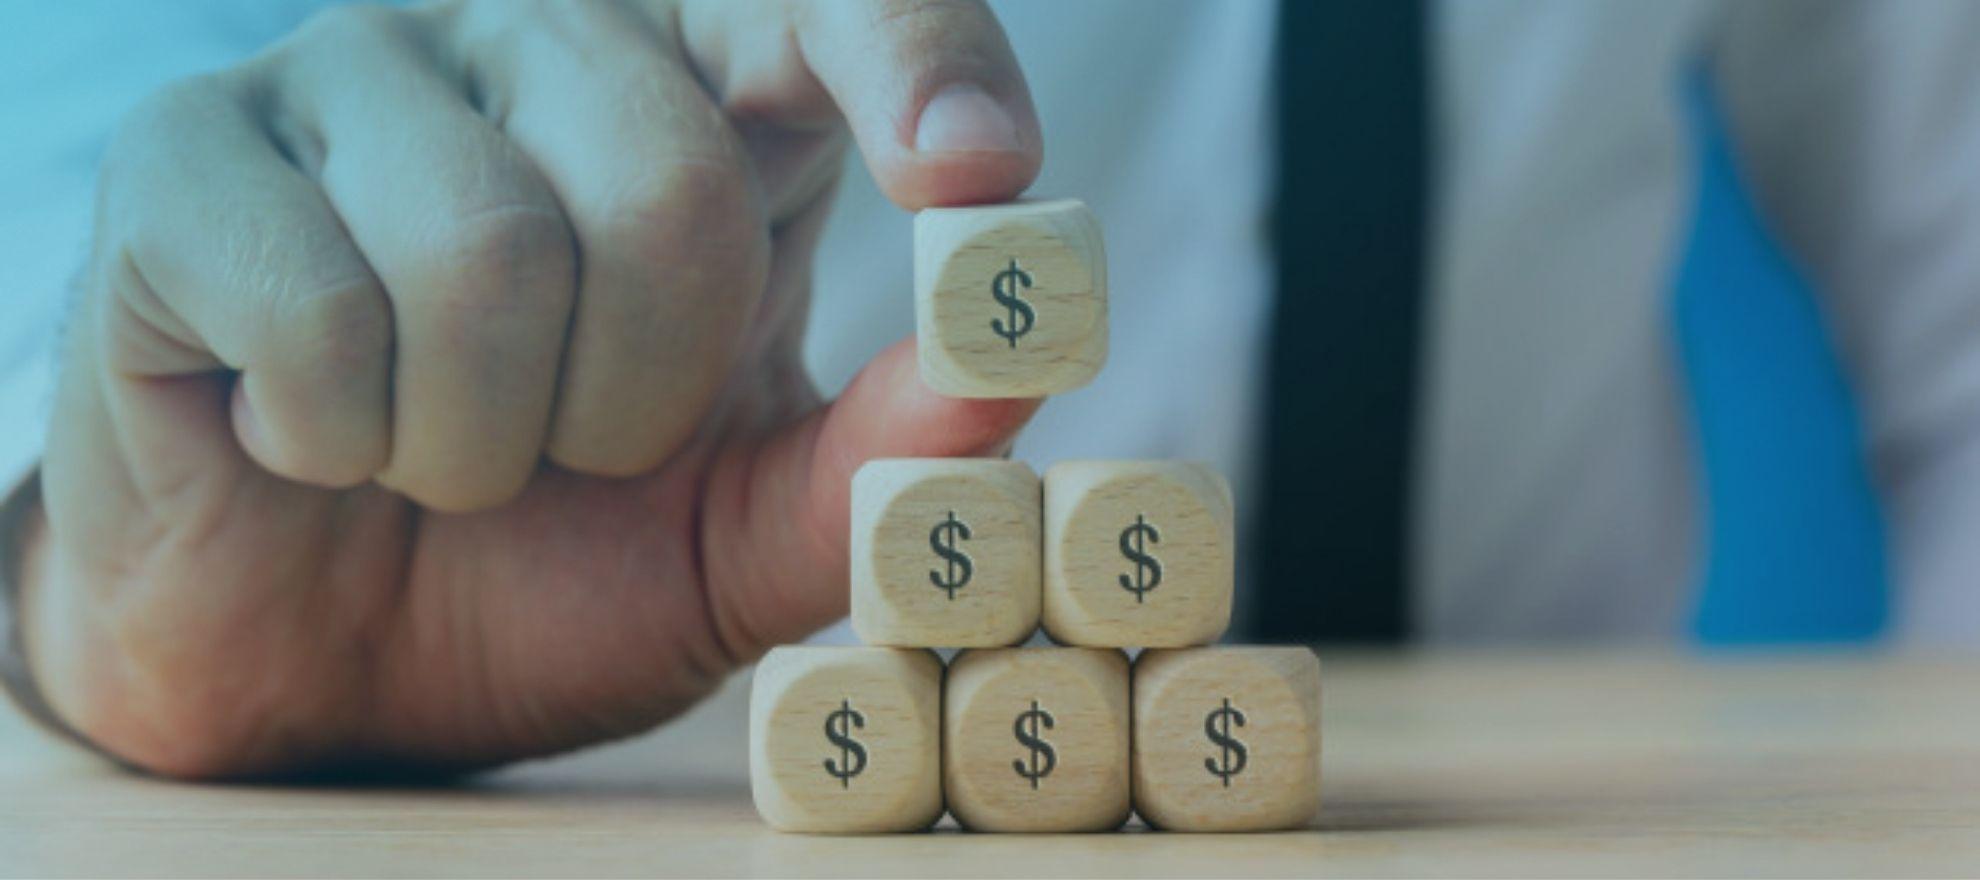 Pirâmide financeira: Como identificar e evitar os esquemas